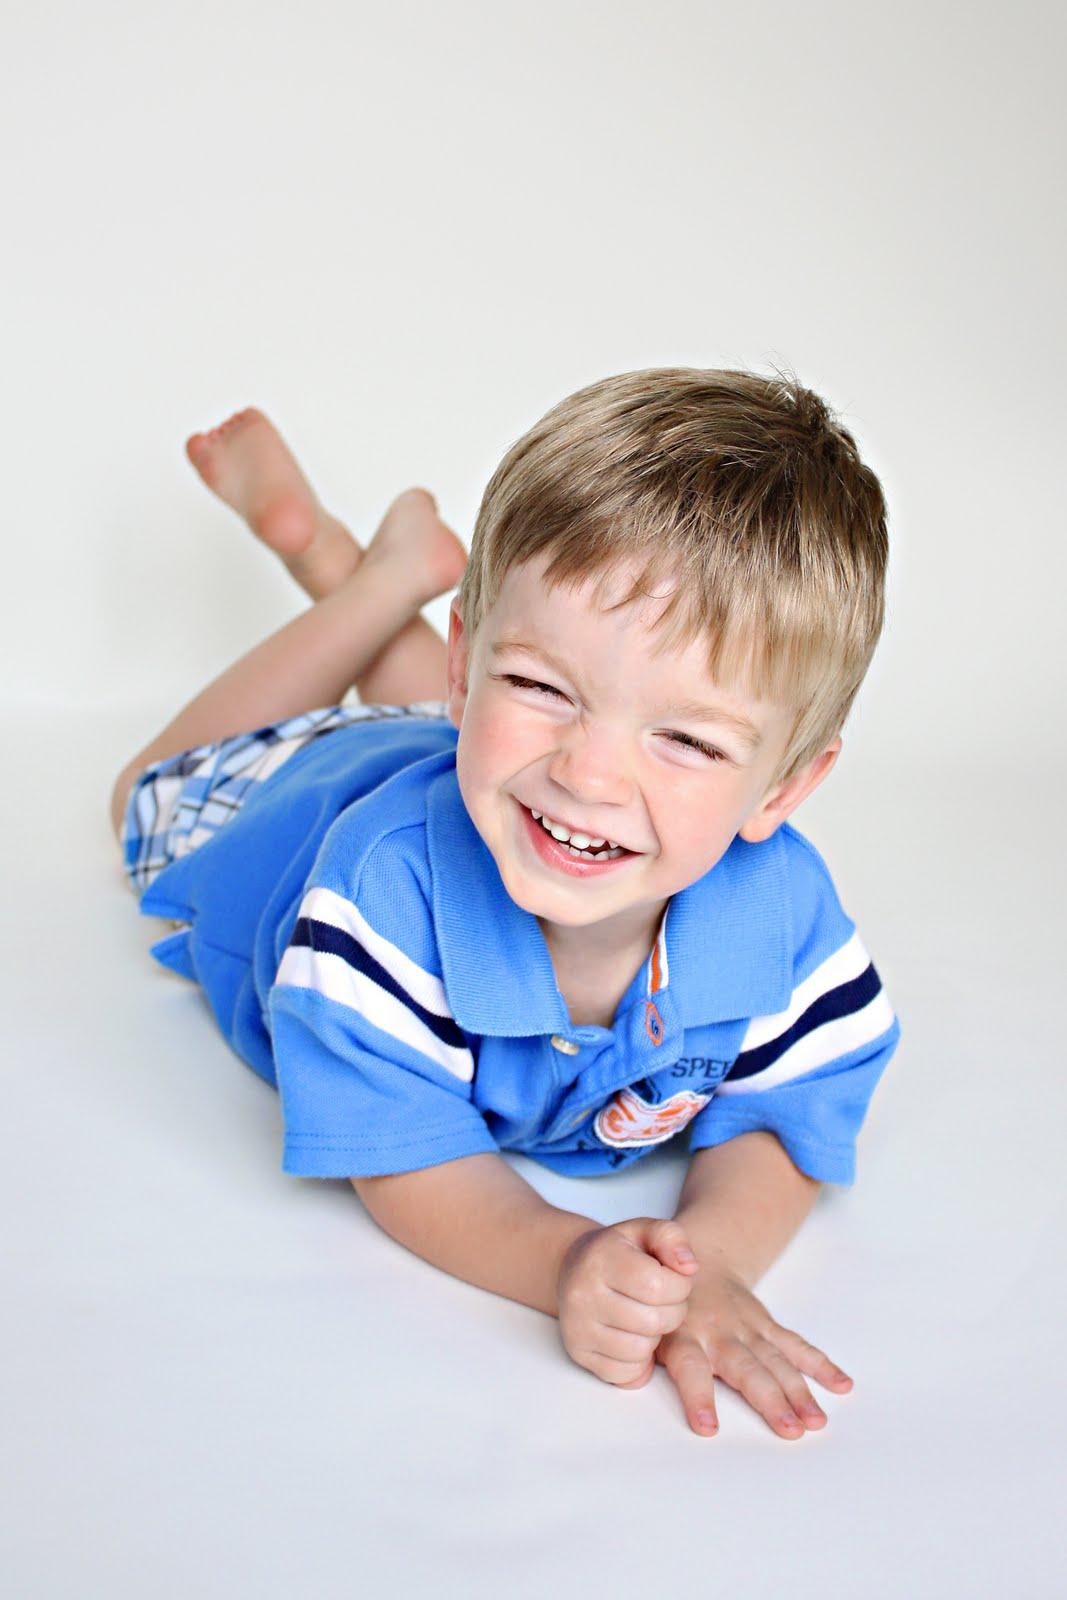 Criança com 3 anos e 3 meses de idade